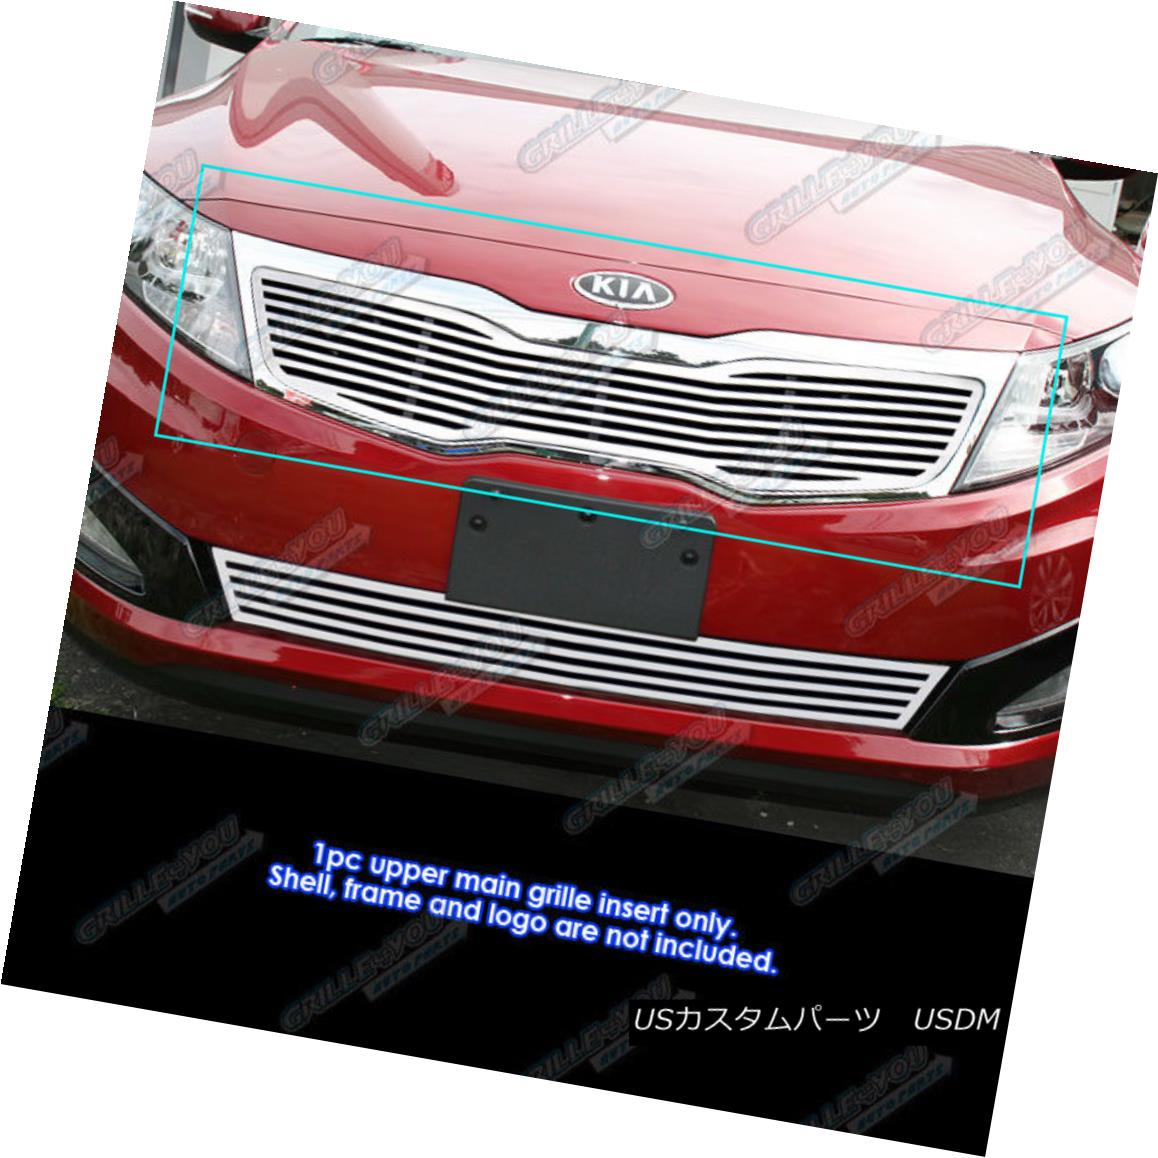 グリル Fits 2011-2013 Kia Optima LX/EX Perimeter Grille Grill Insert Fit 2011-2013 Kia Optima LX / EXペリメーターグリルグリルインサート